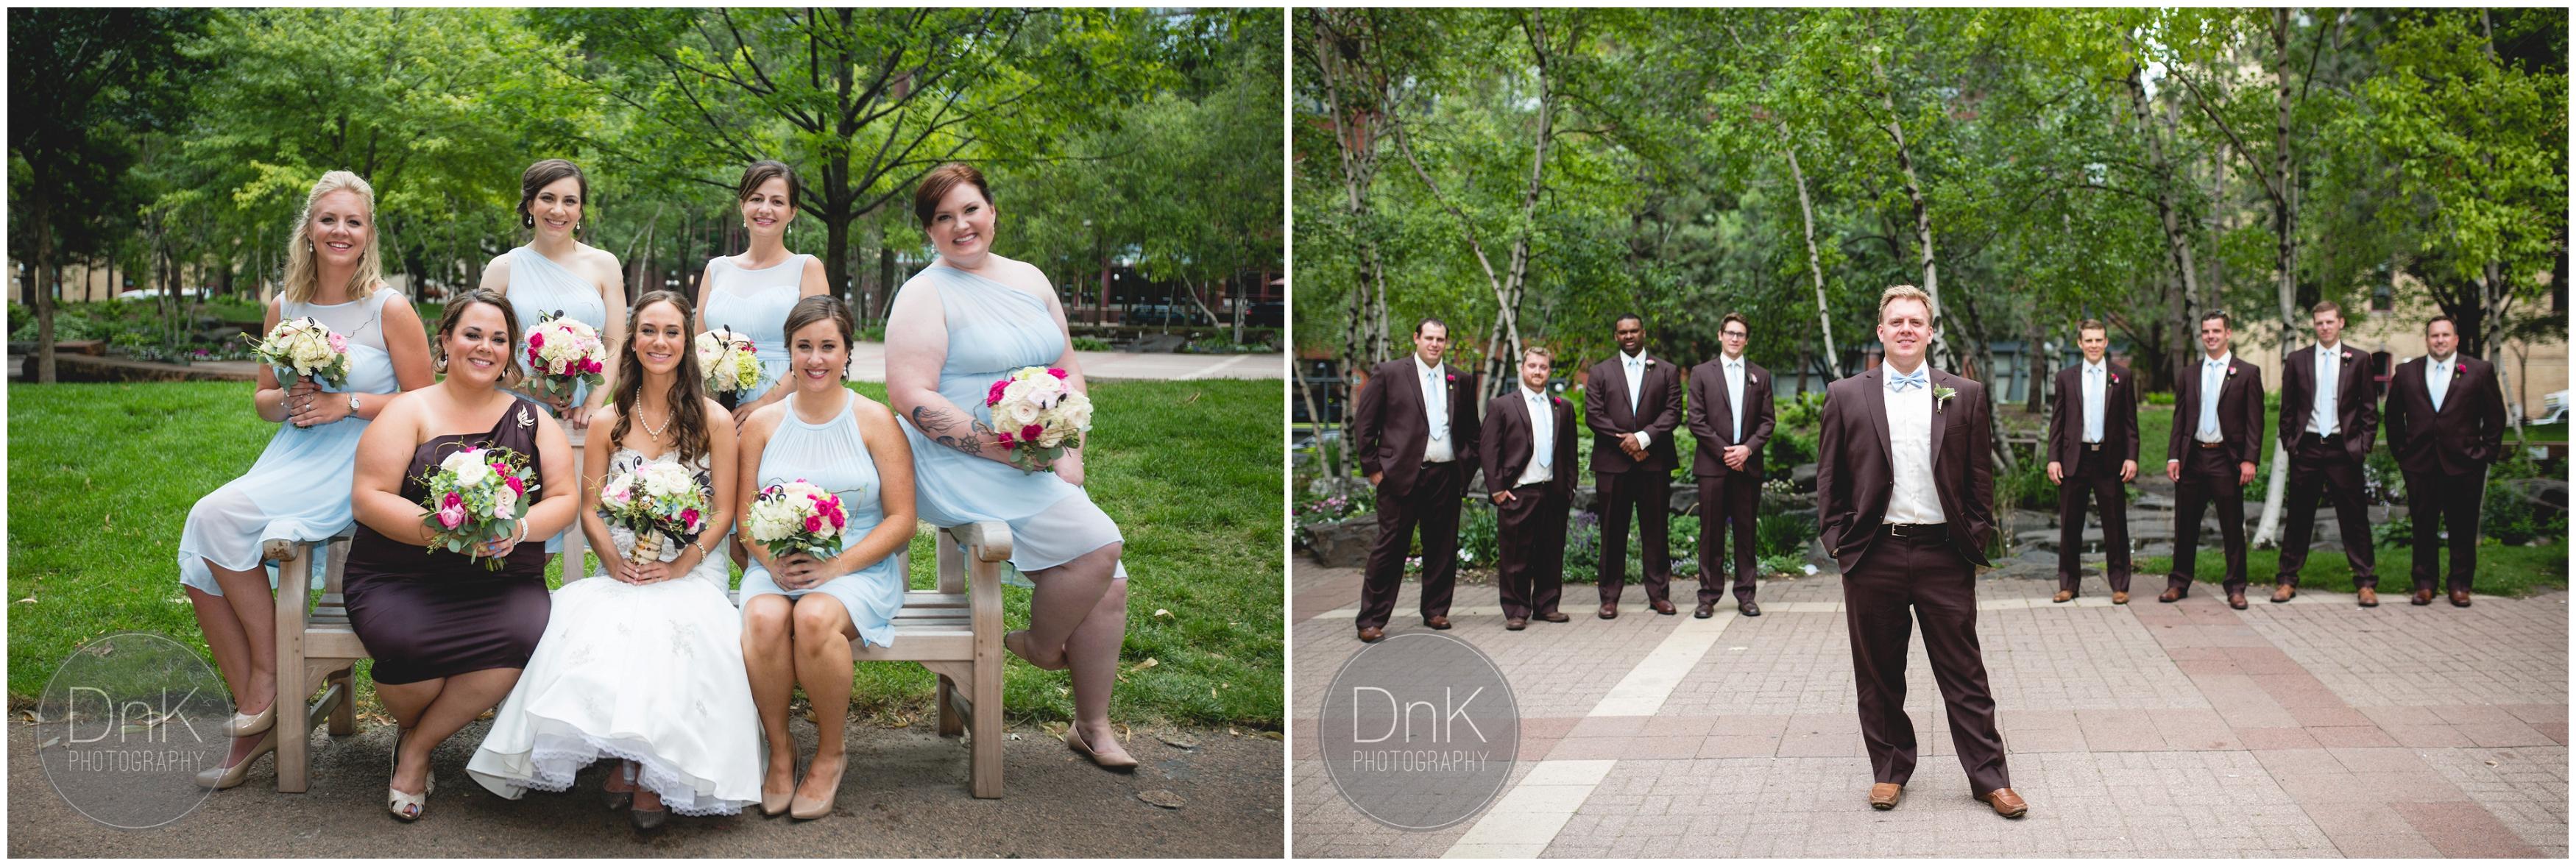 11 - Mears Park Wedding Photos